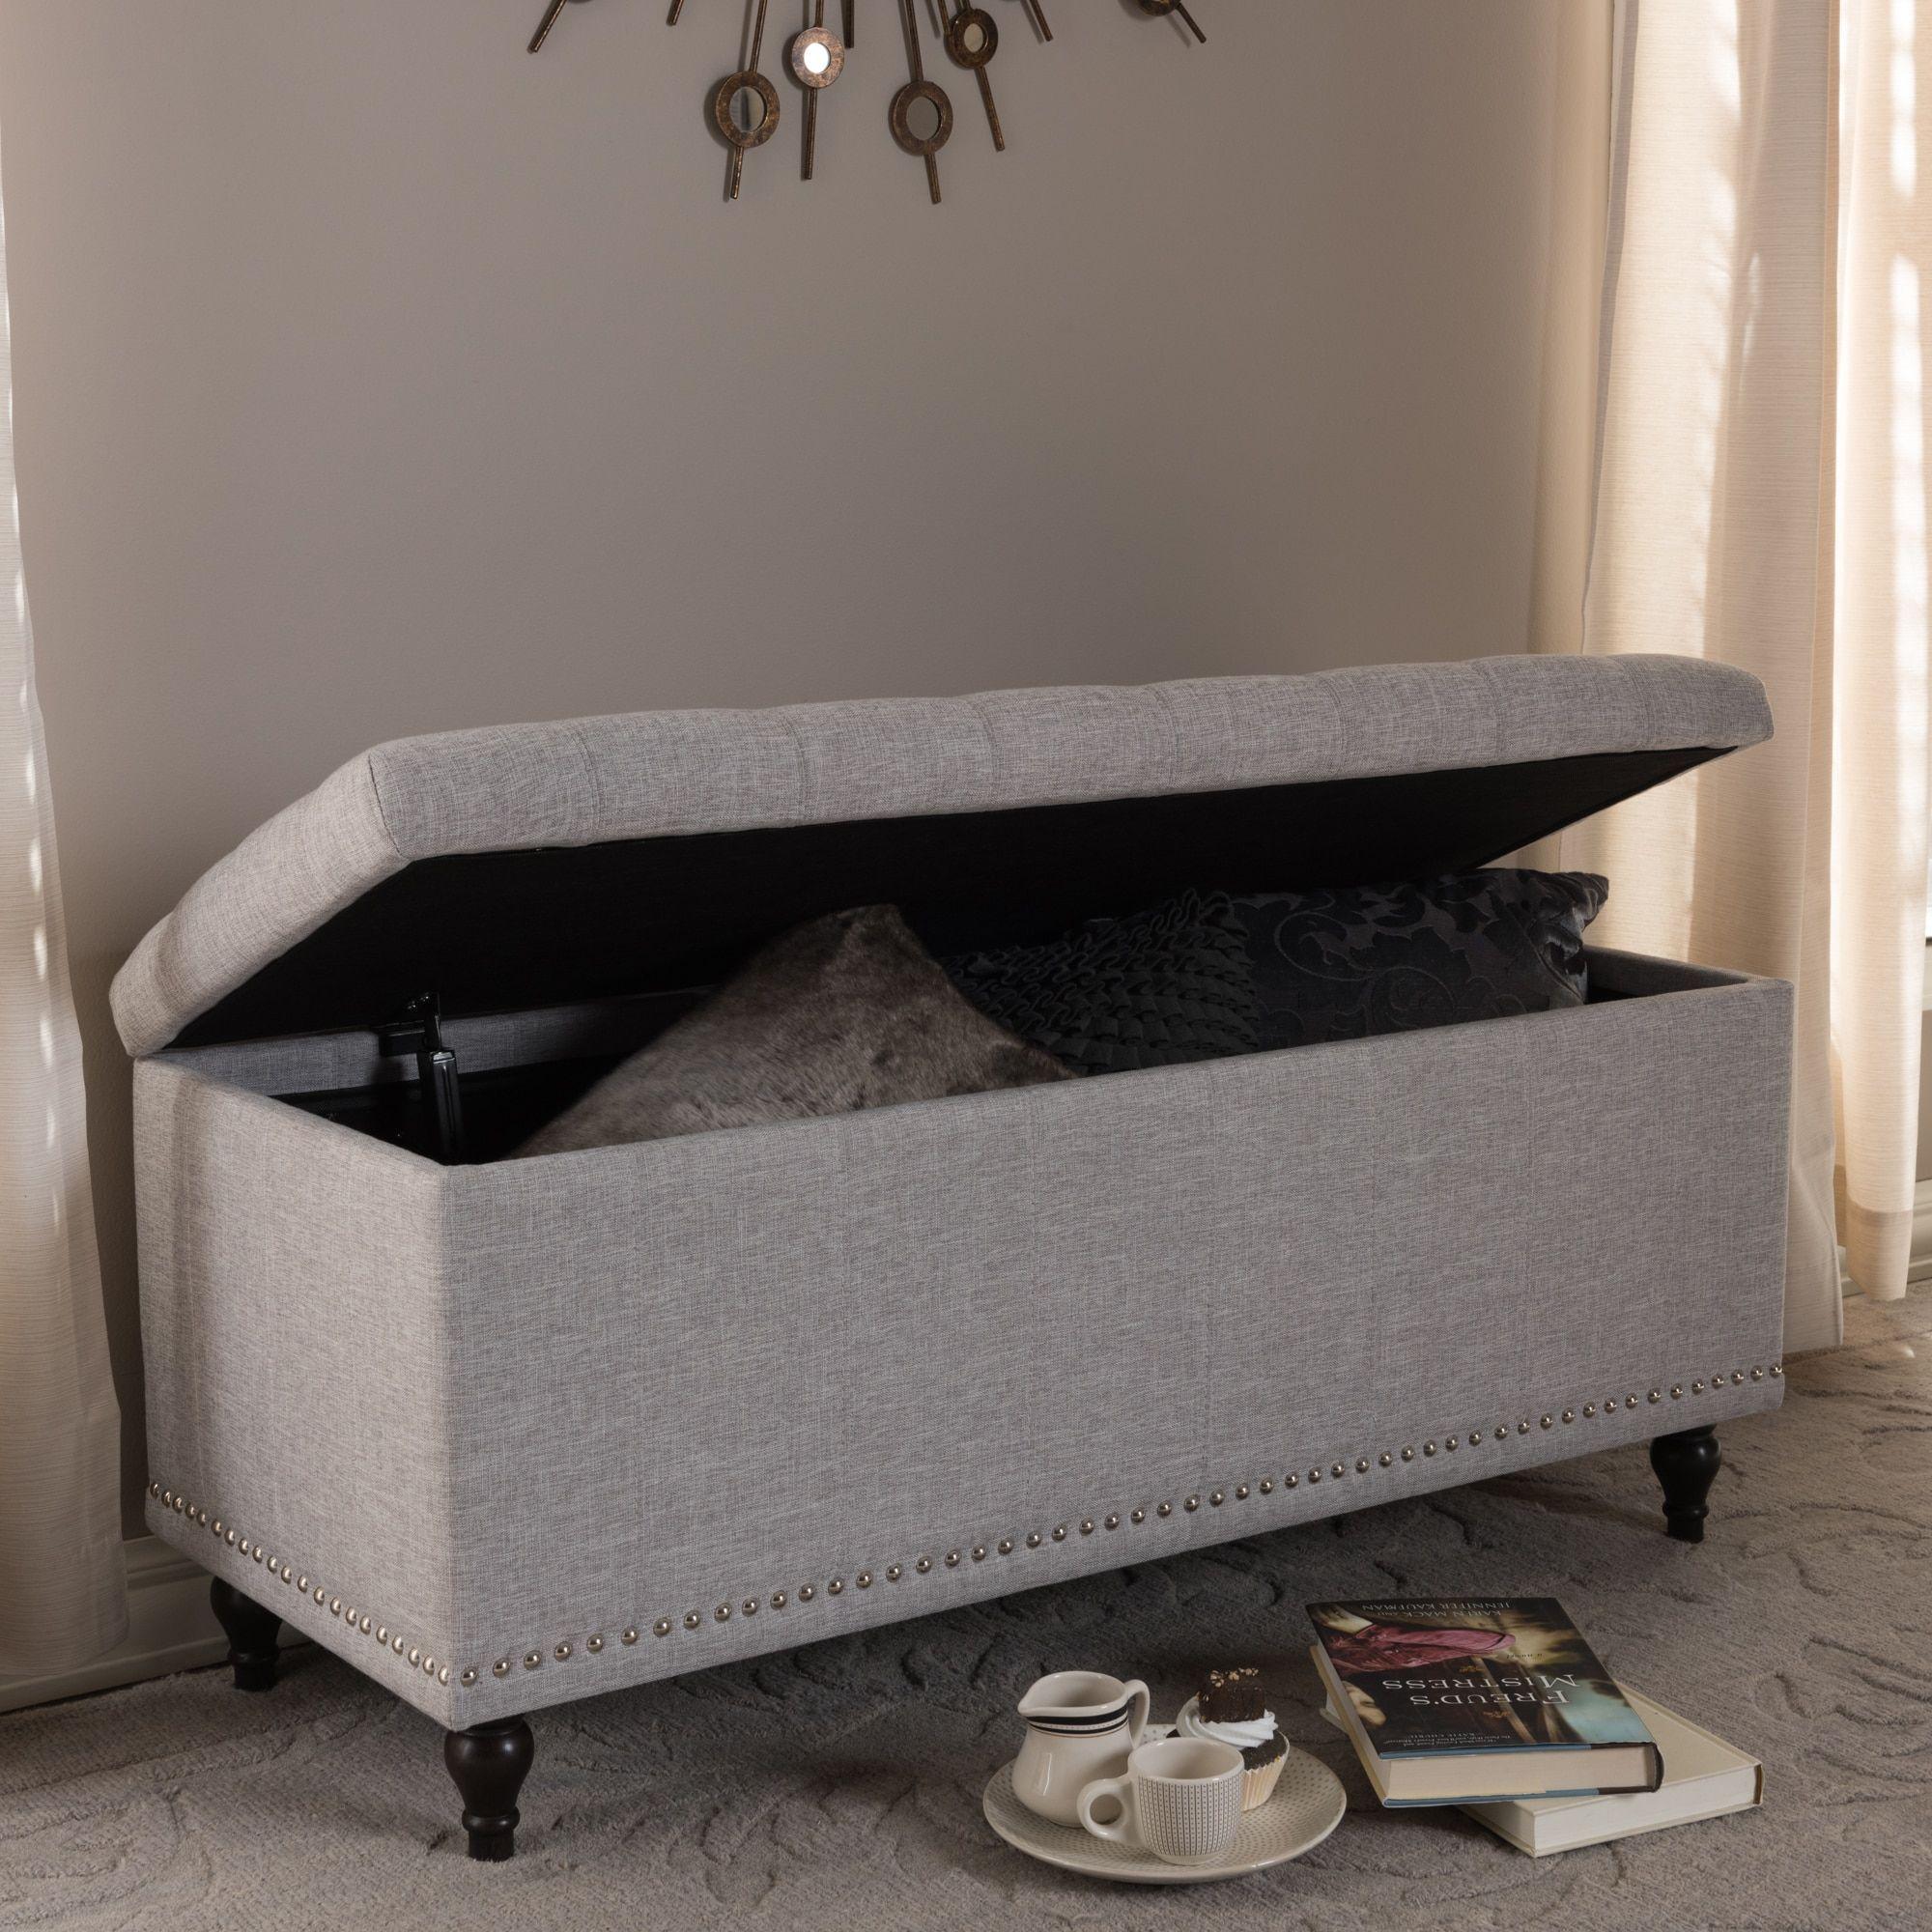 Cool Baxton Studio Alexio Modern Classic Grayish Beige Fabric Inzonedesignstudio Interior Chair Design Inzonedesignstudiocom